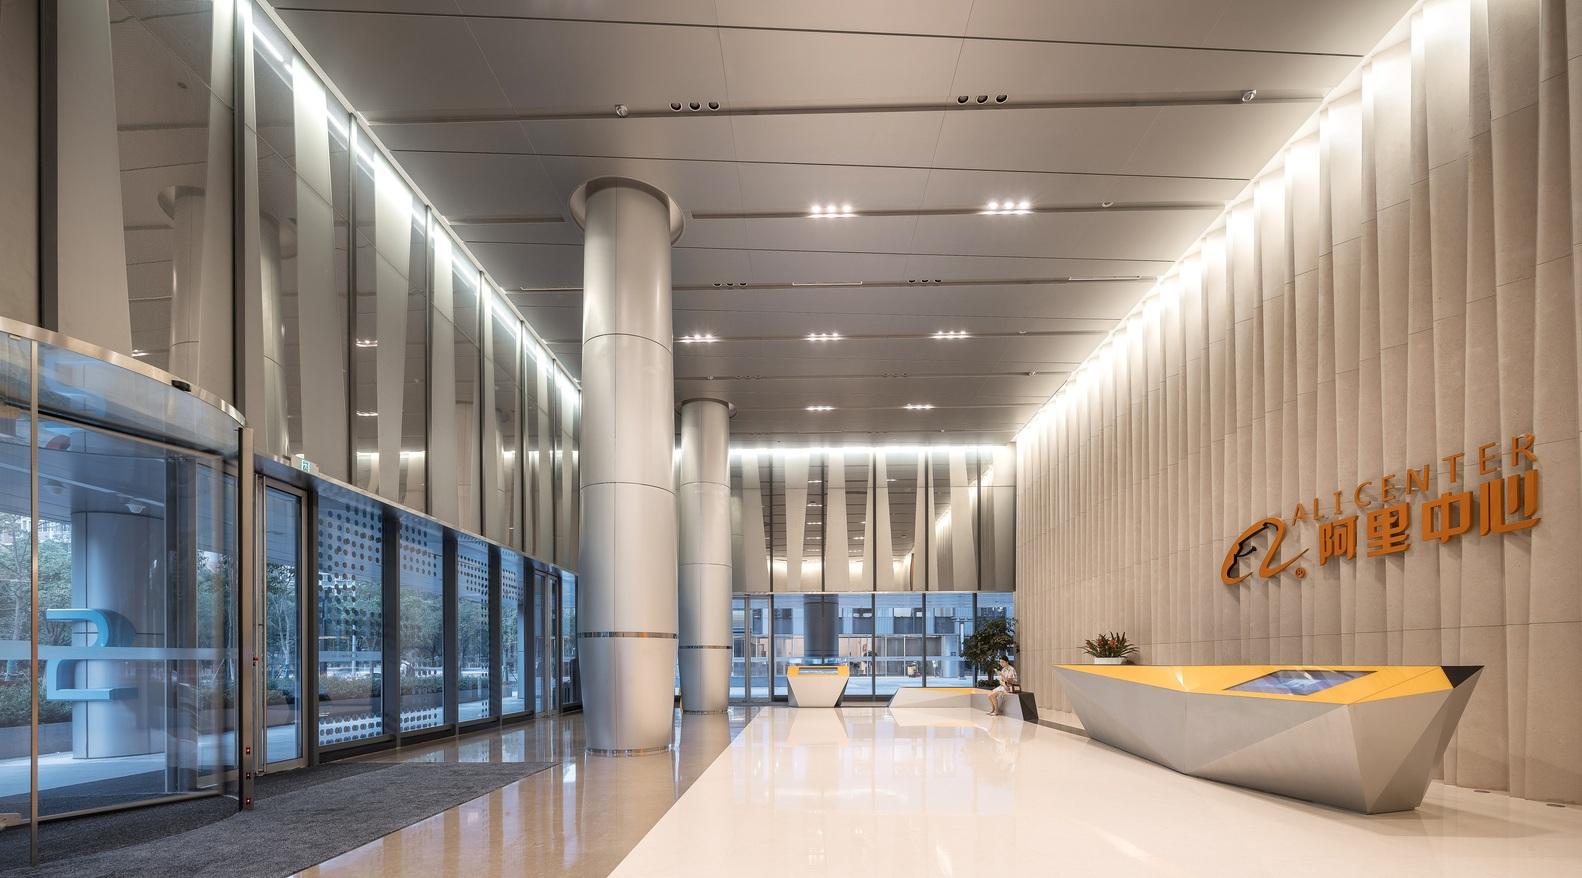 上海虹桥阿里中心室内装饰设计 / Benoy